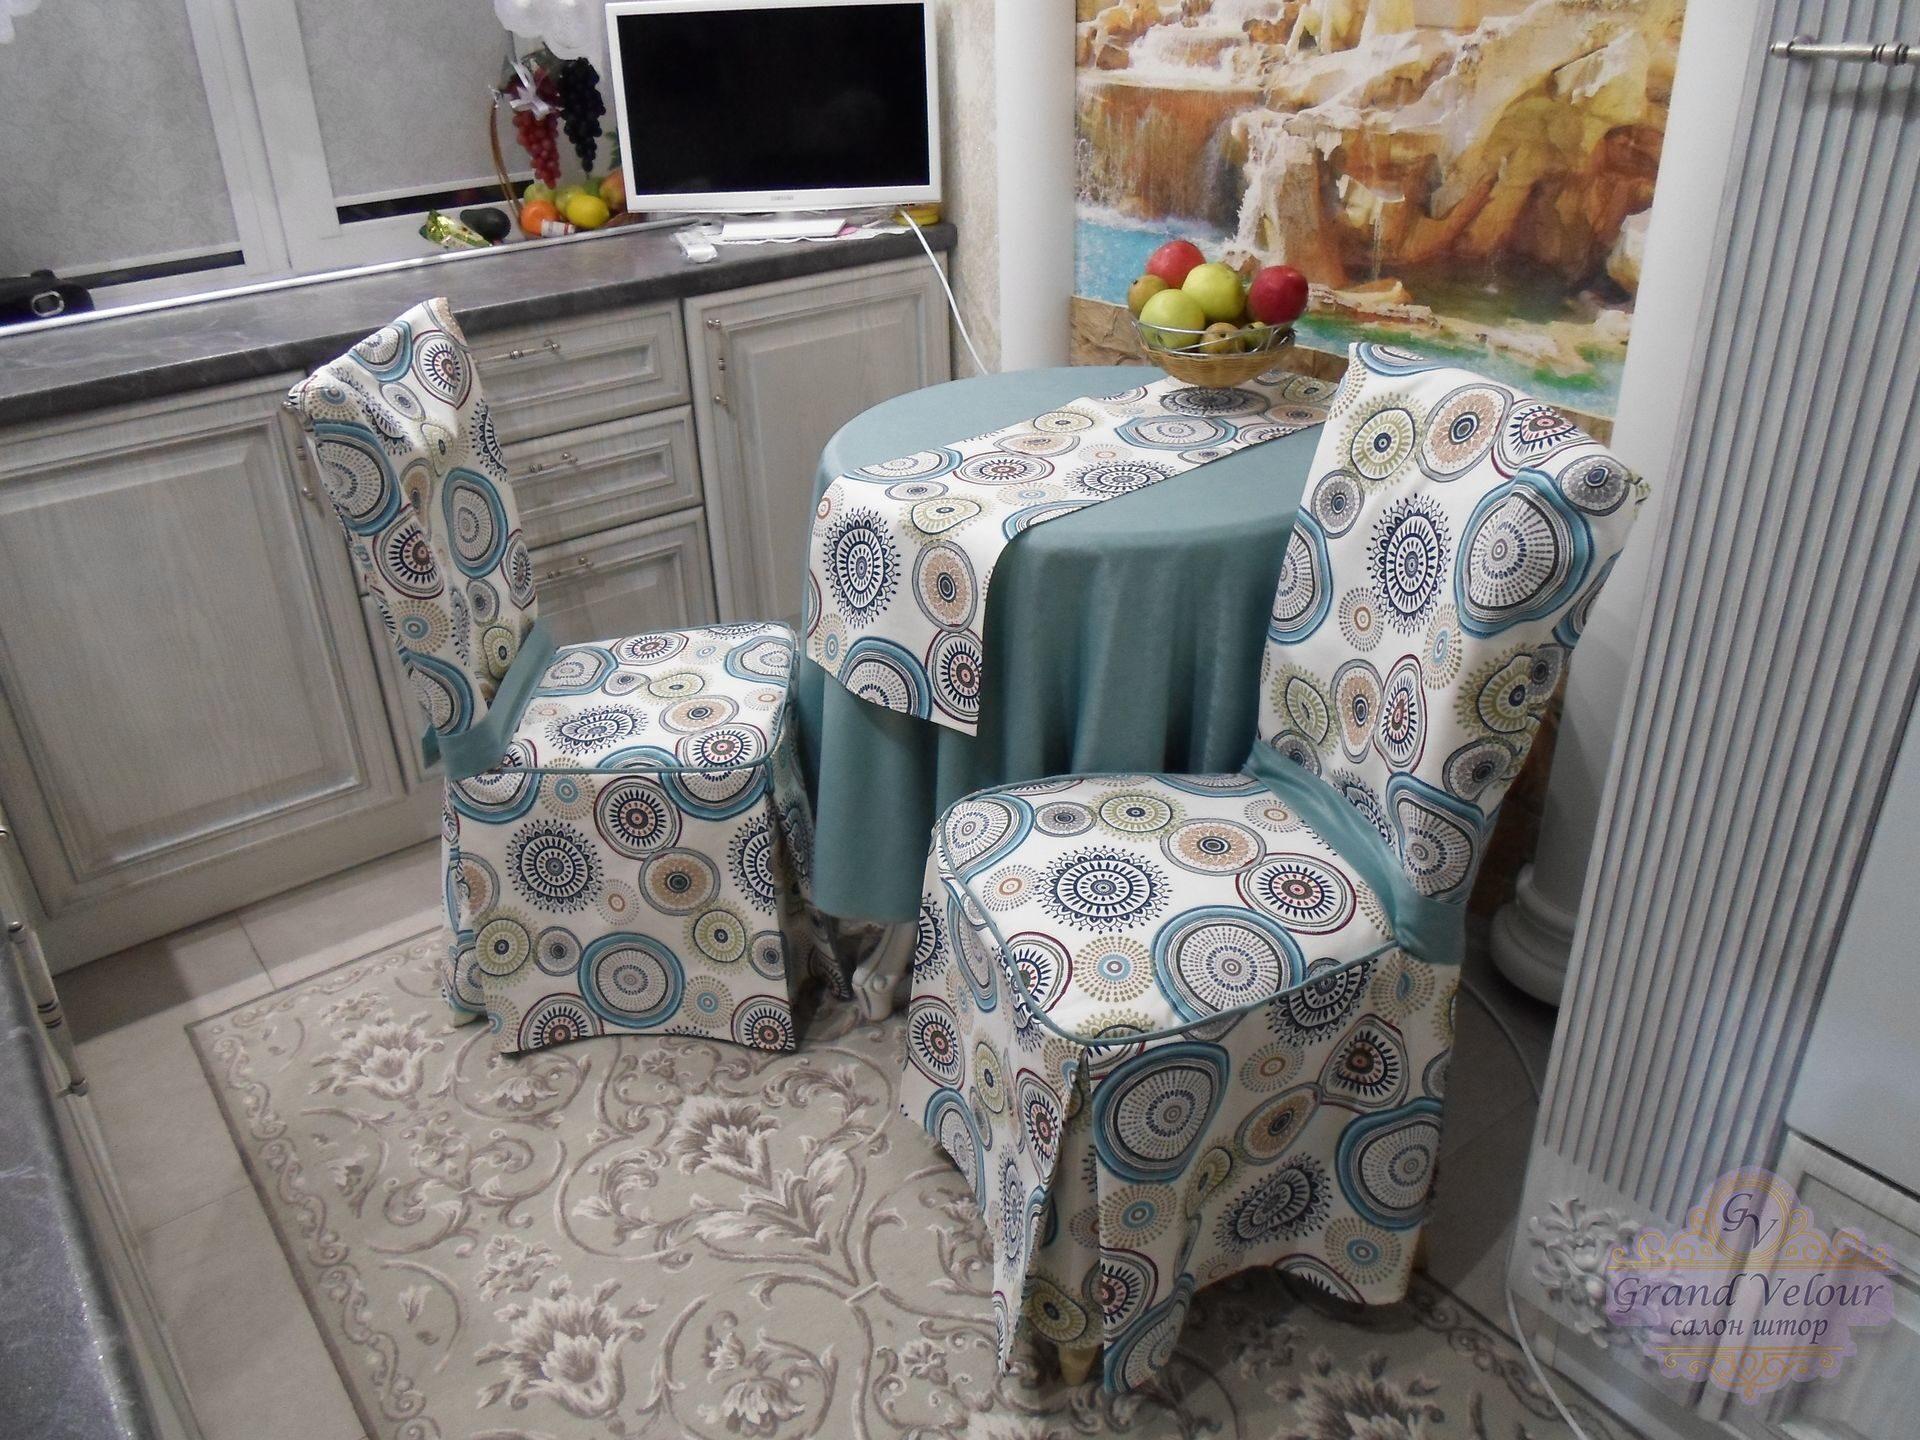 Чехлы для стульев на кухню своими руками фото